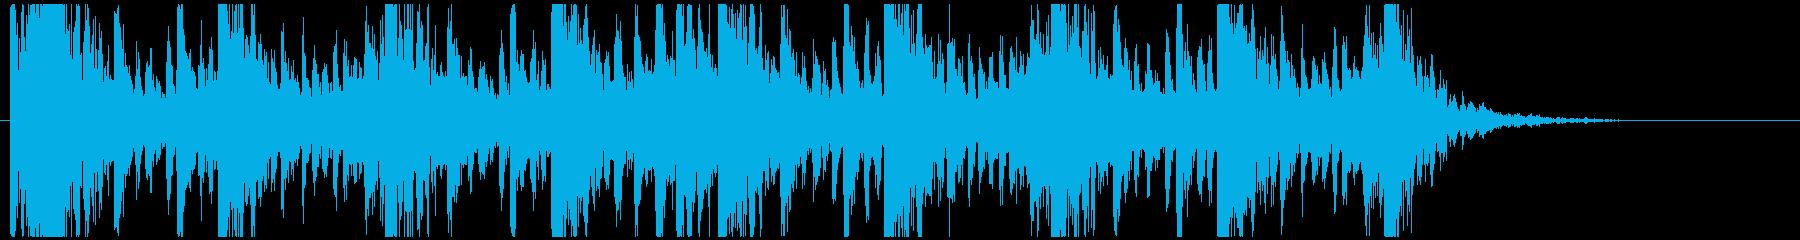 和太鼓のリズム2 残響ありBPM140の再生済みの波形